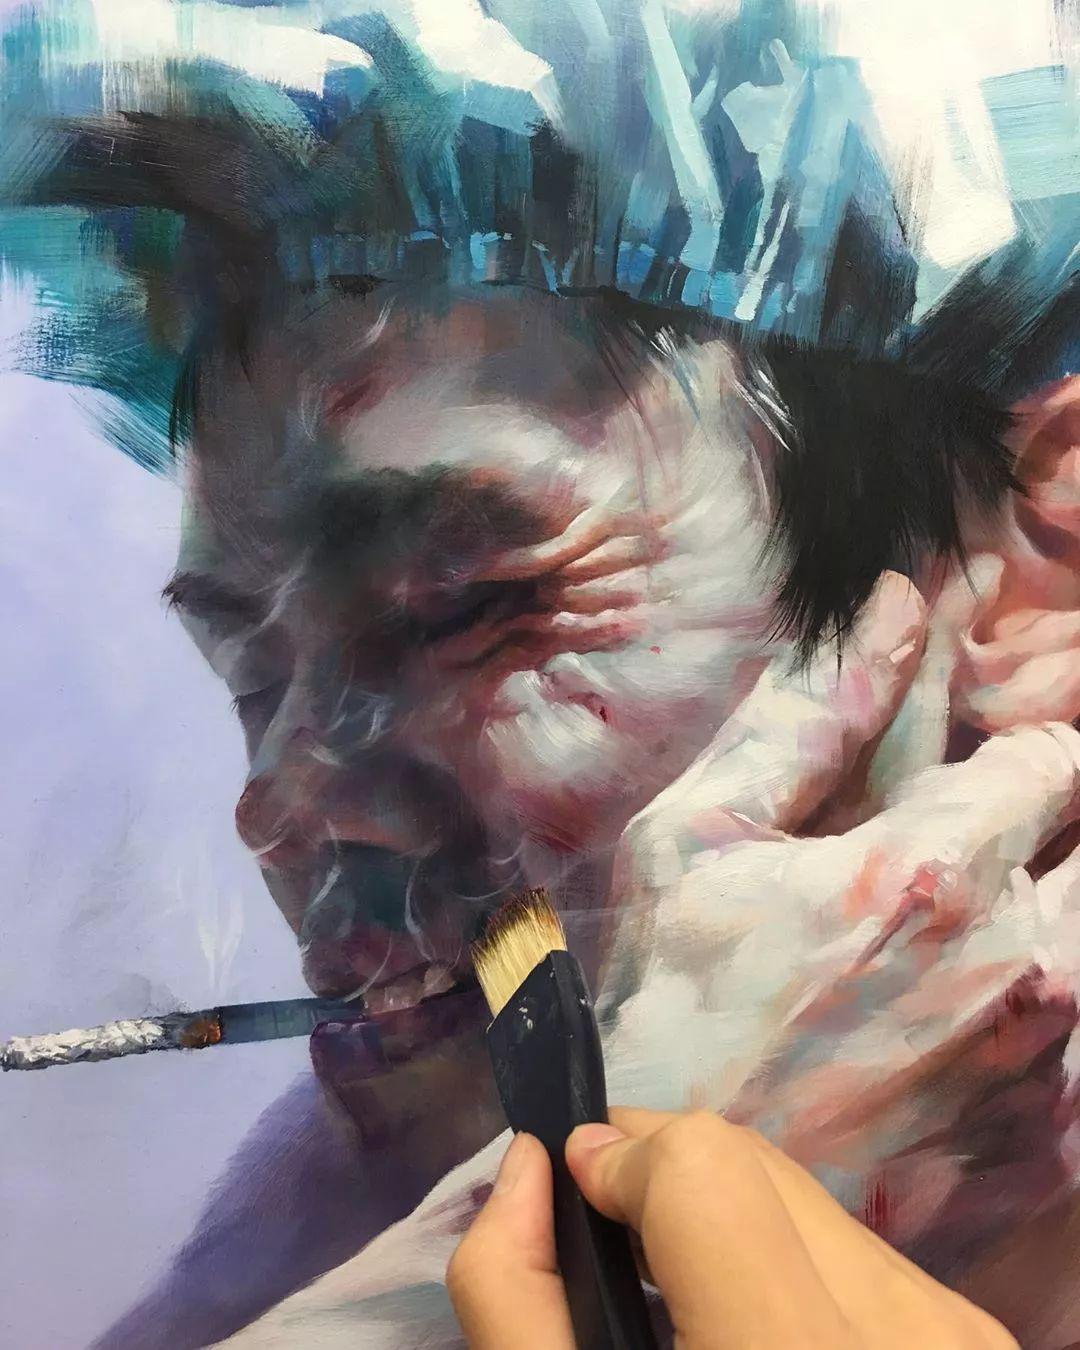 画笔留下的记忆,来自油画的魅力!插图9